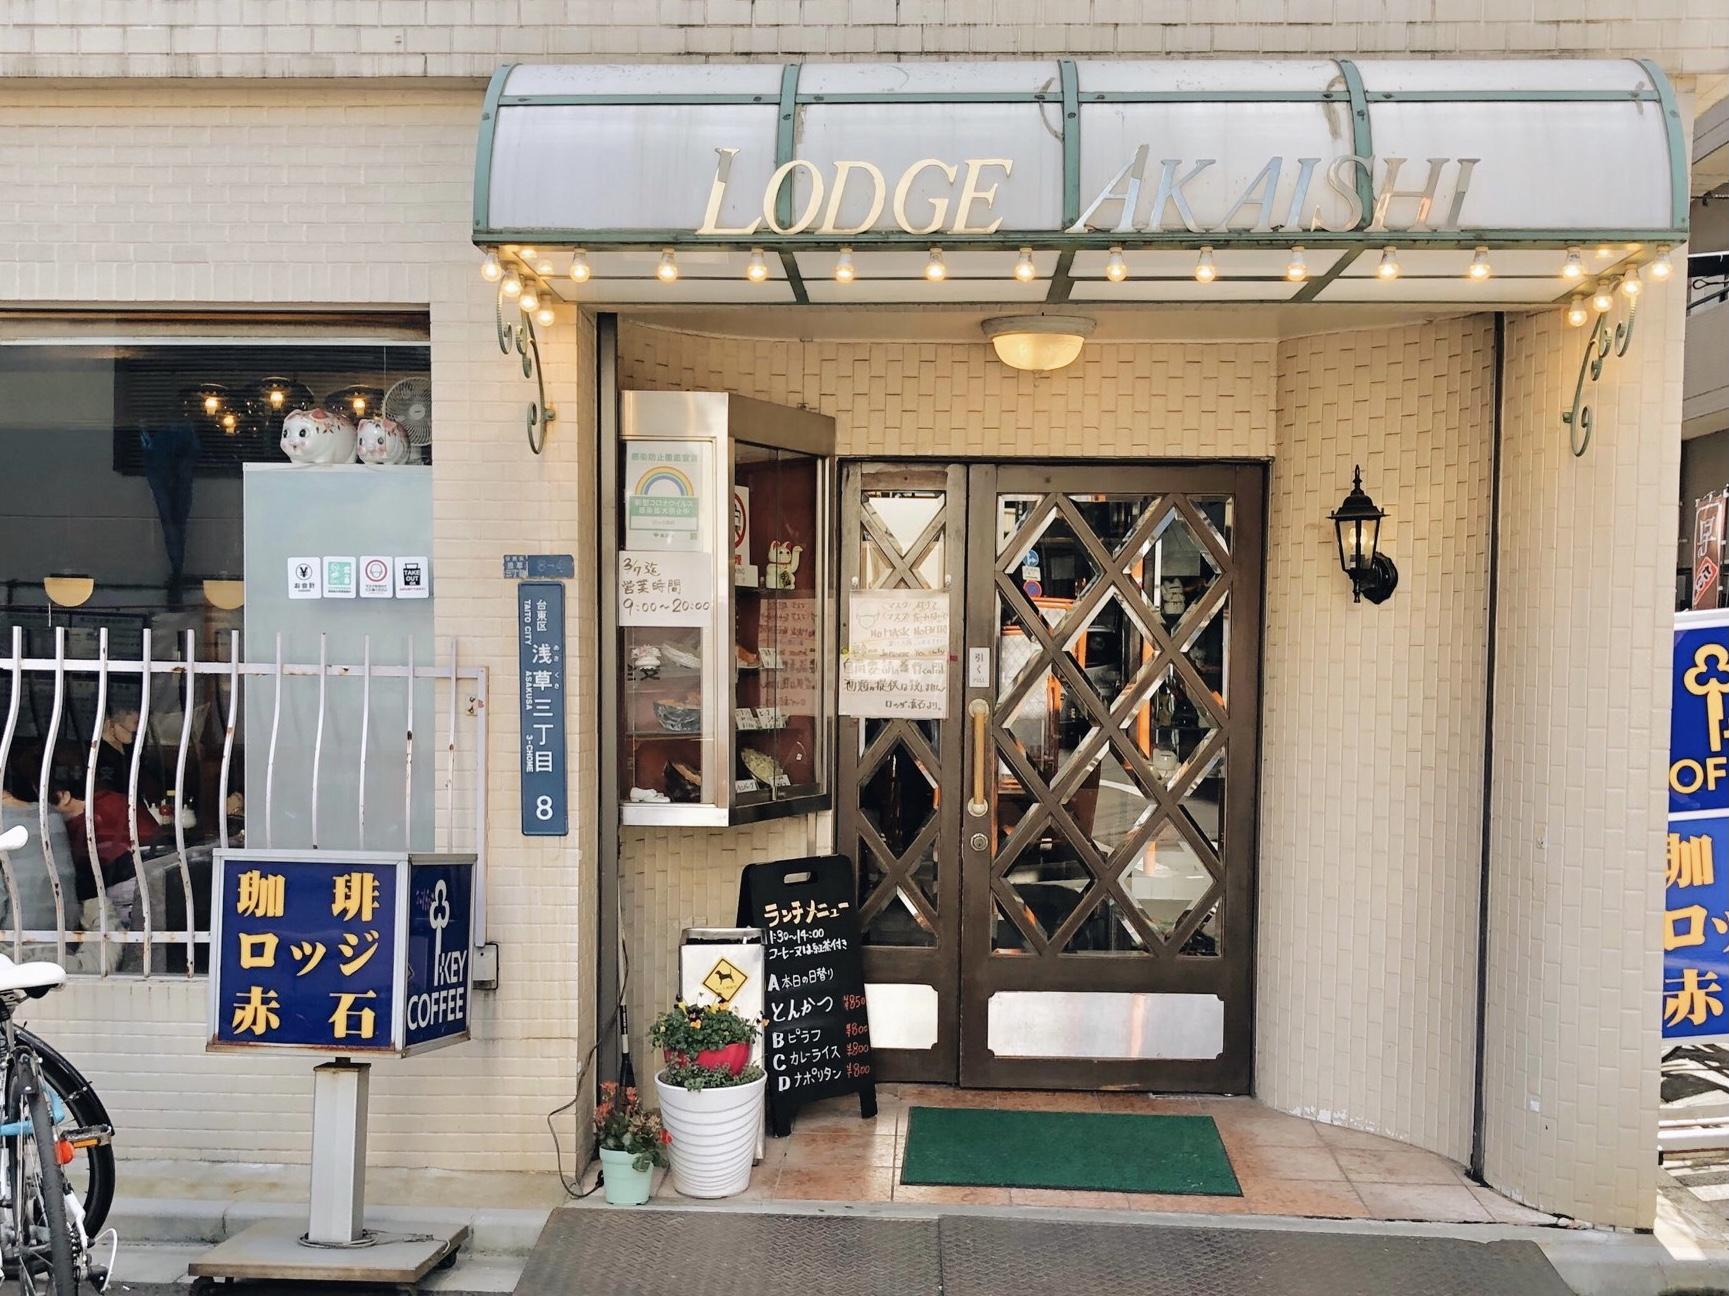 レトロ喫茶店のロッジ赤石外観写真